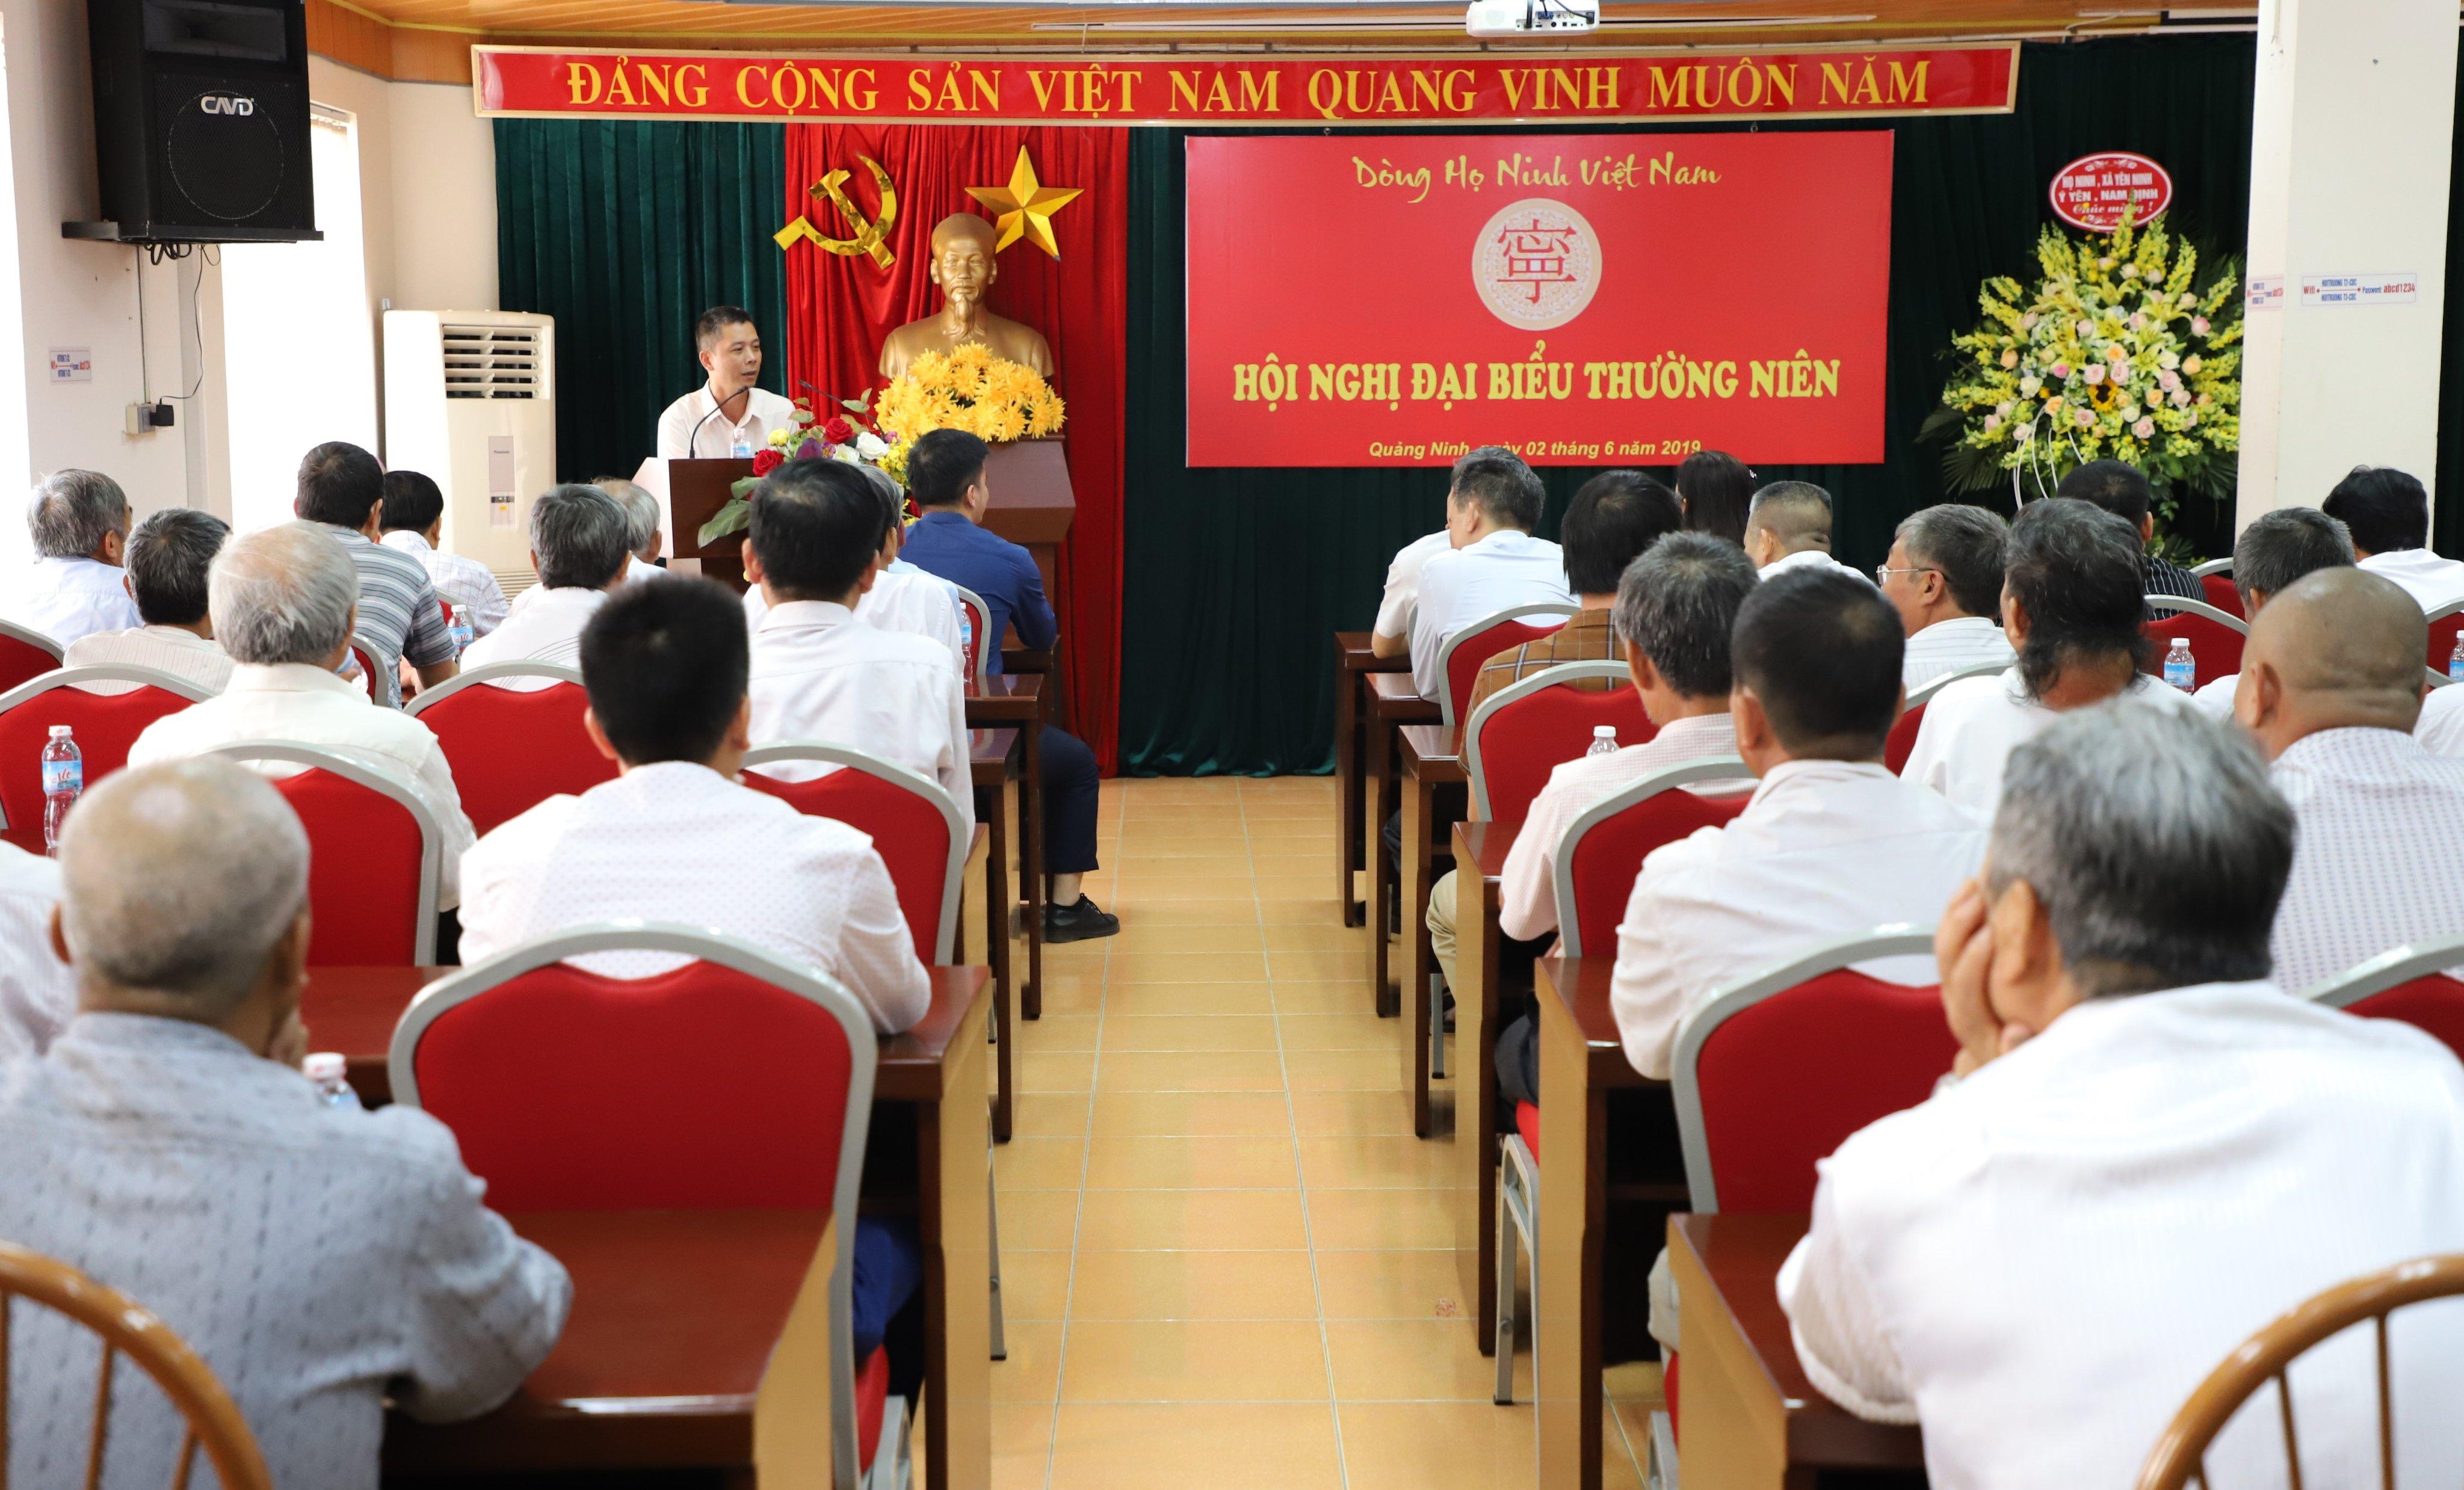 Ông Ninh Anh Hải, phó ban tài chính báo cáo tổng kết tình hình tài chính 1 năm qua